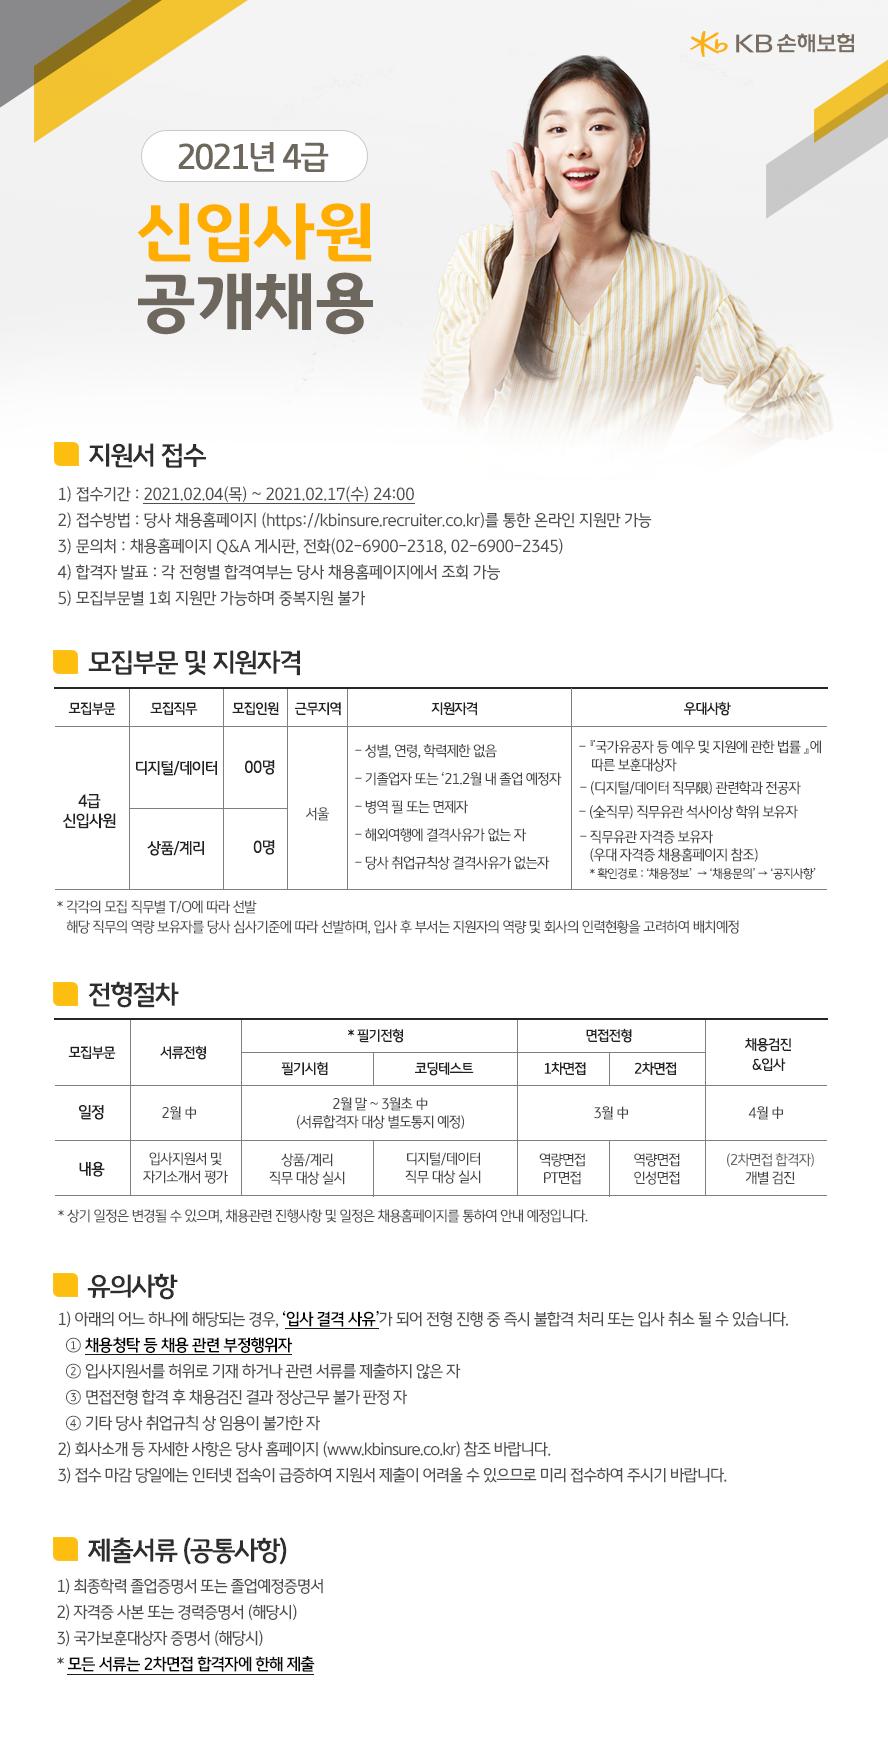 2021년 KB손해보험(4급) 신입사원 공개채용.png